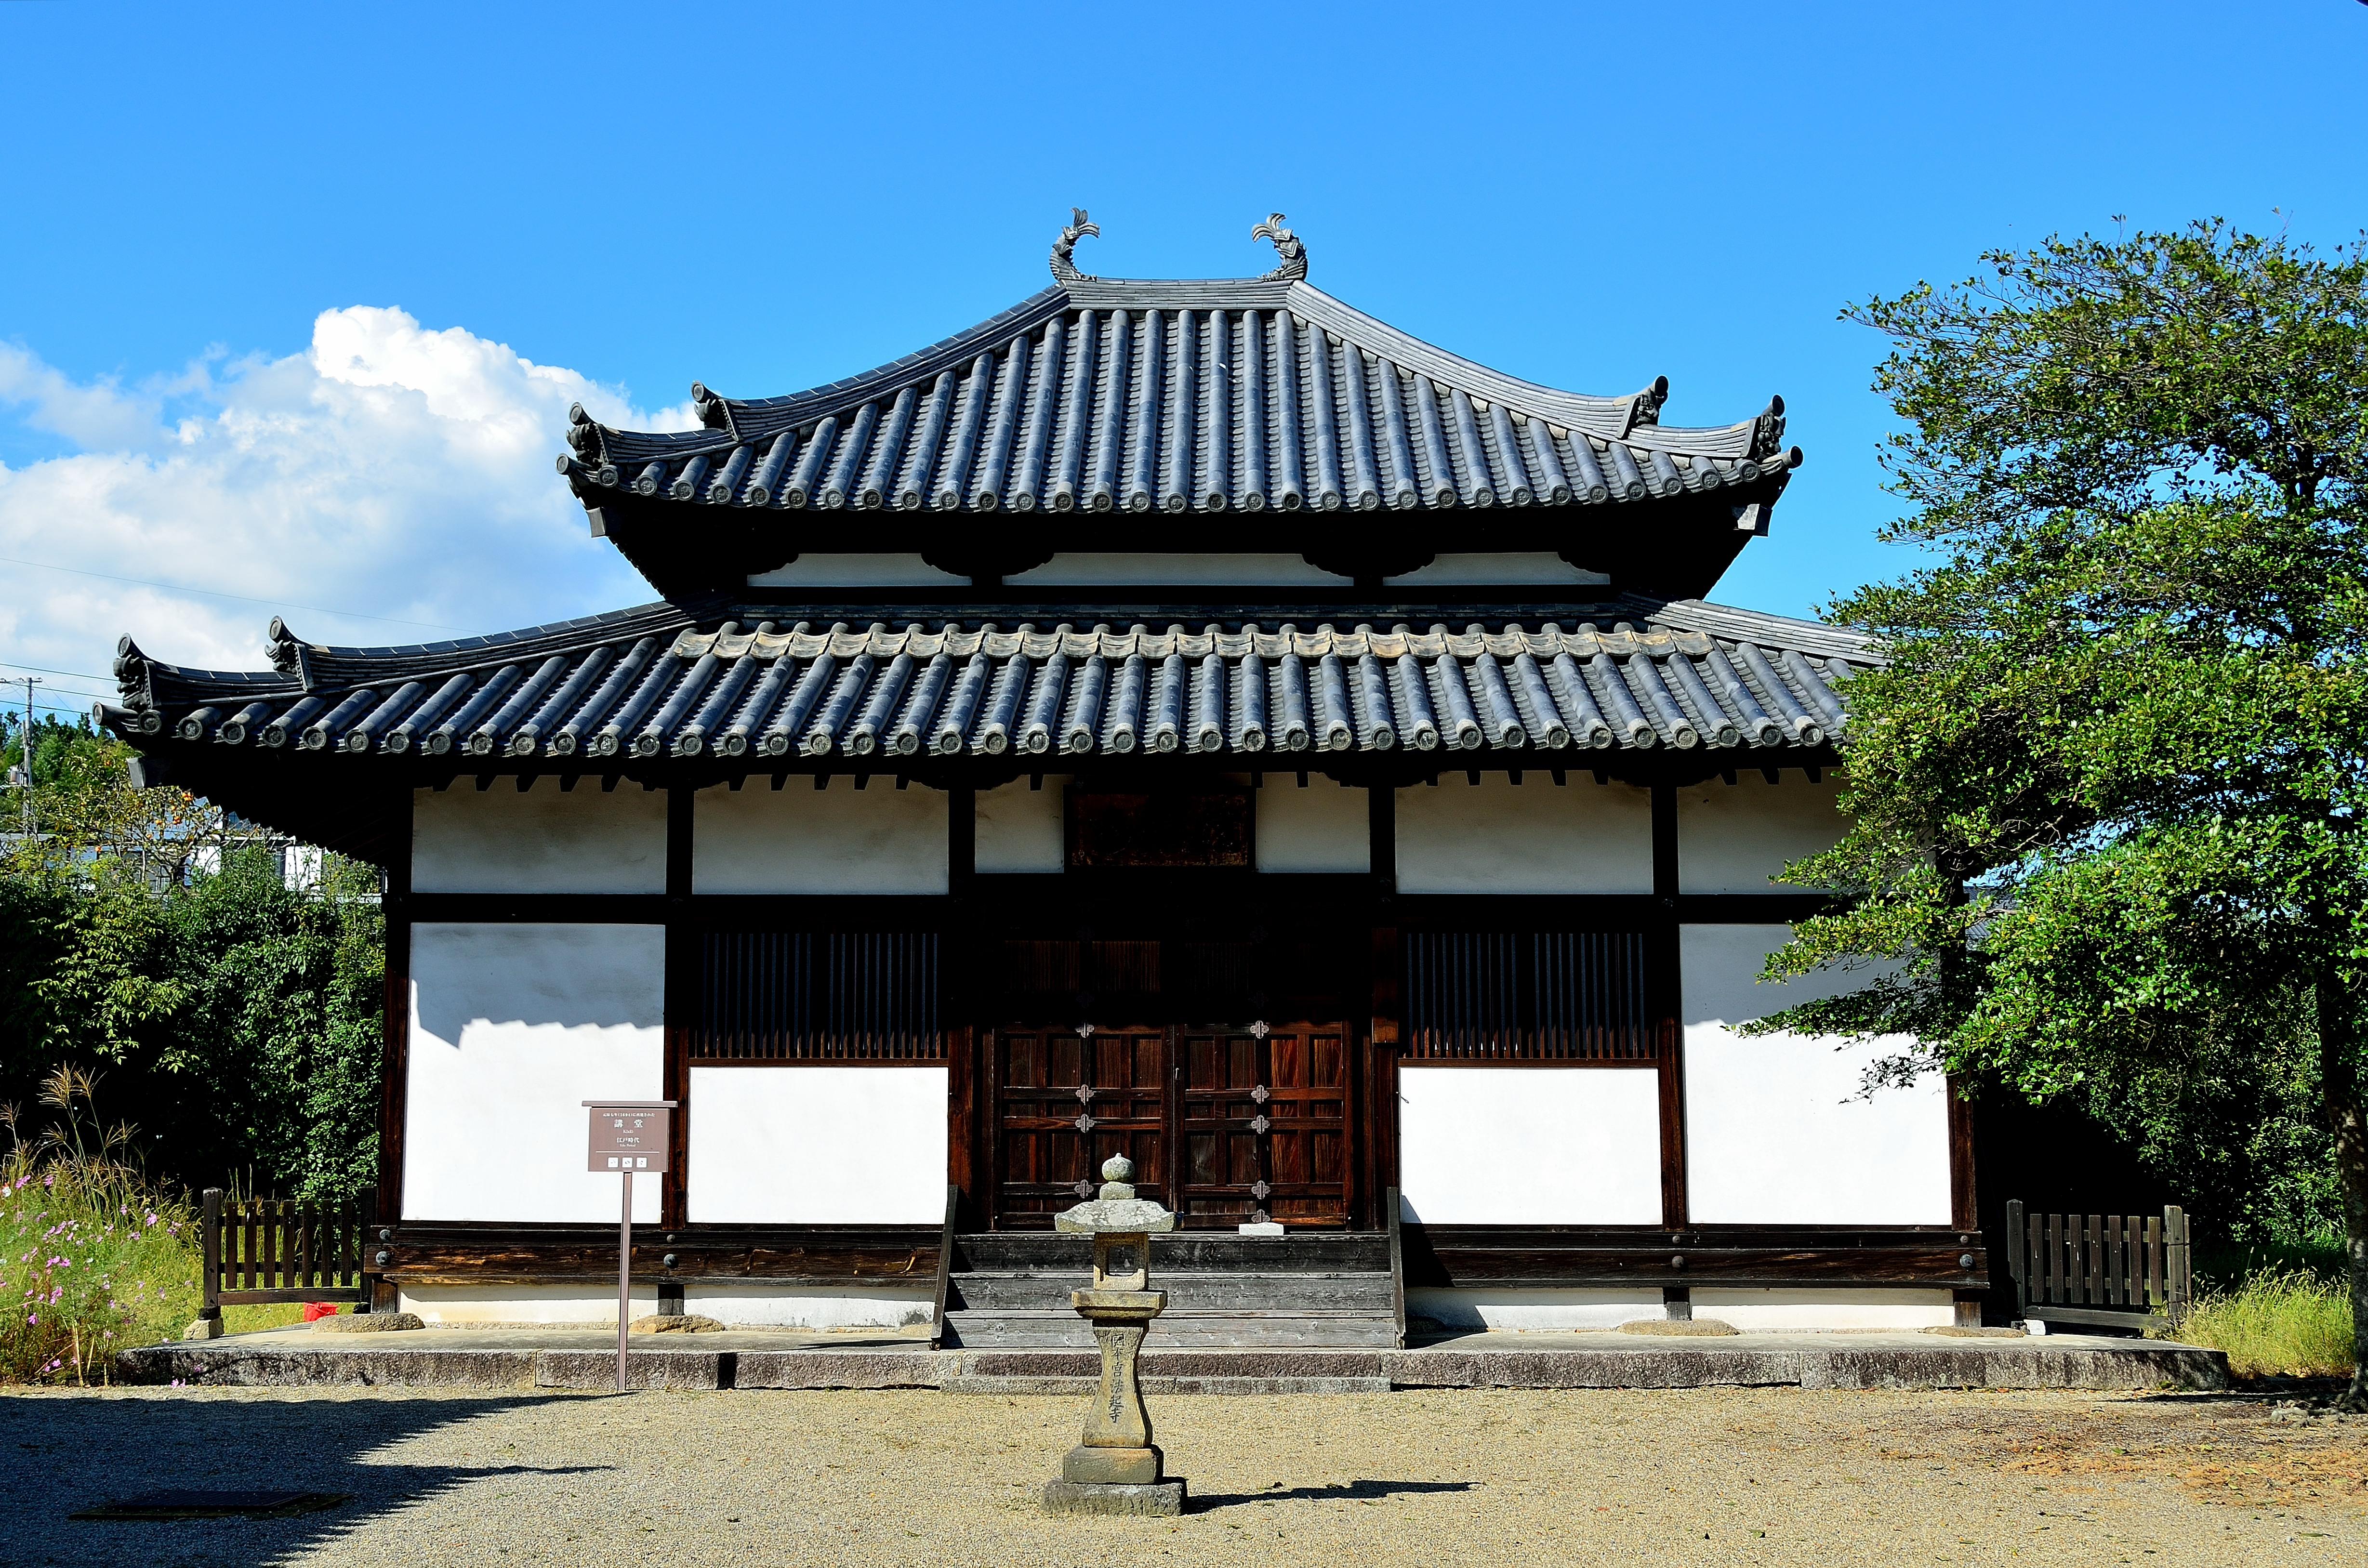 法起寺 講堂(本堂)